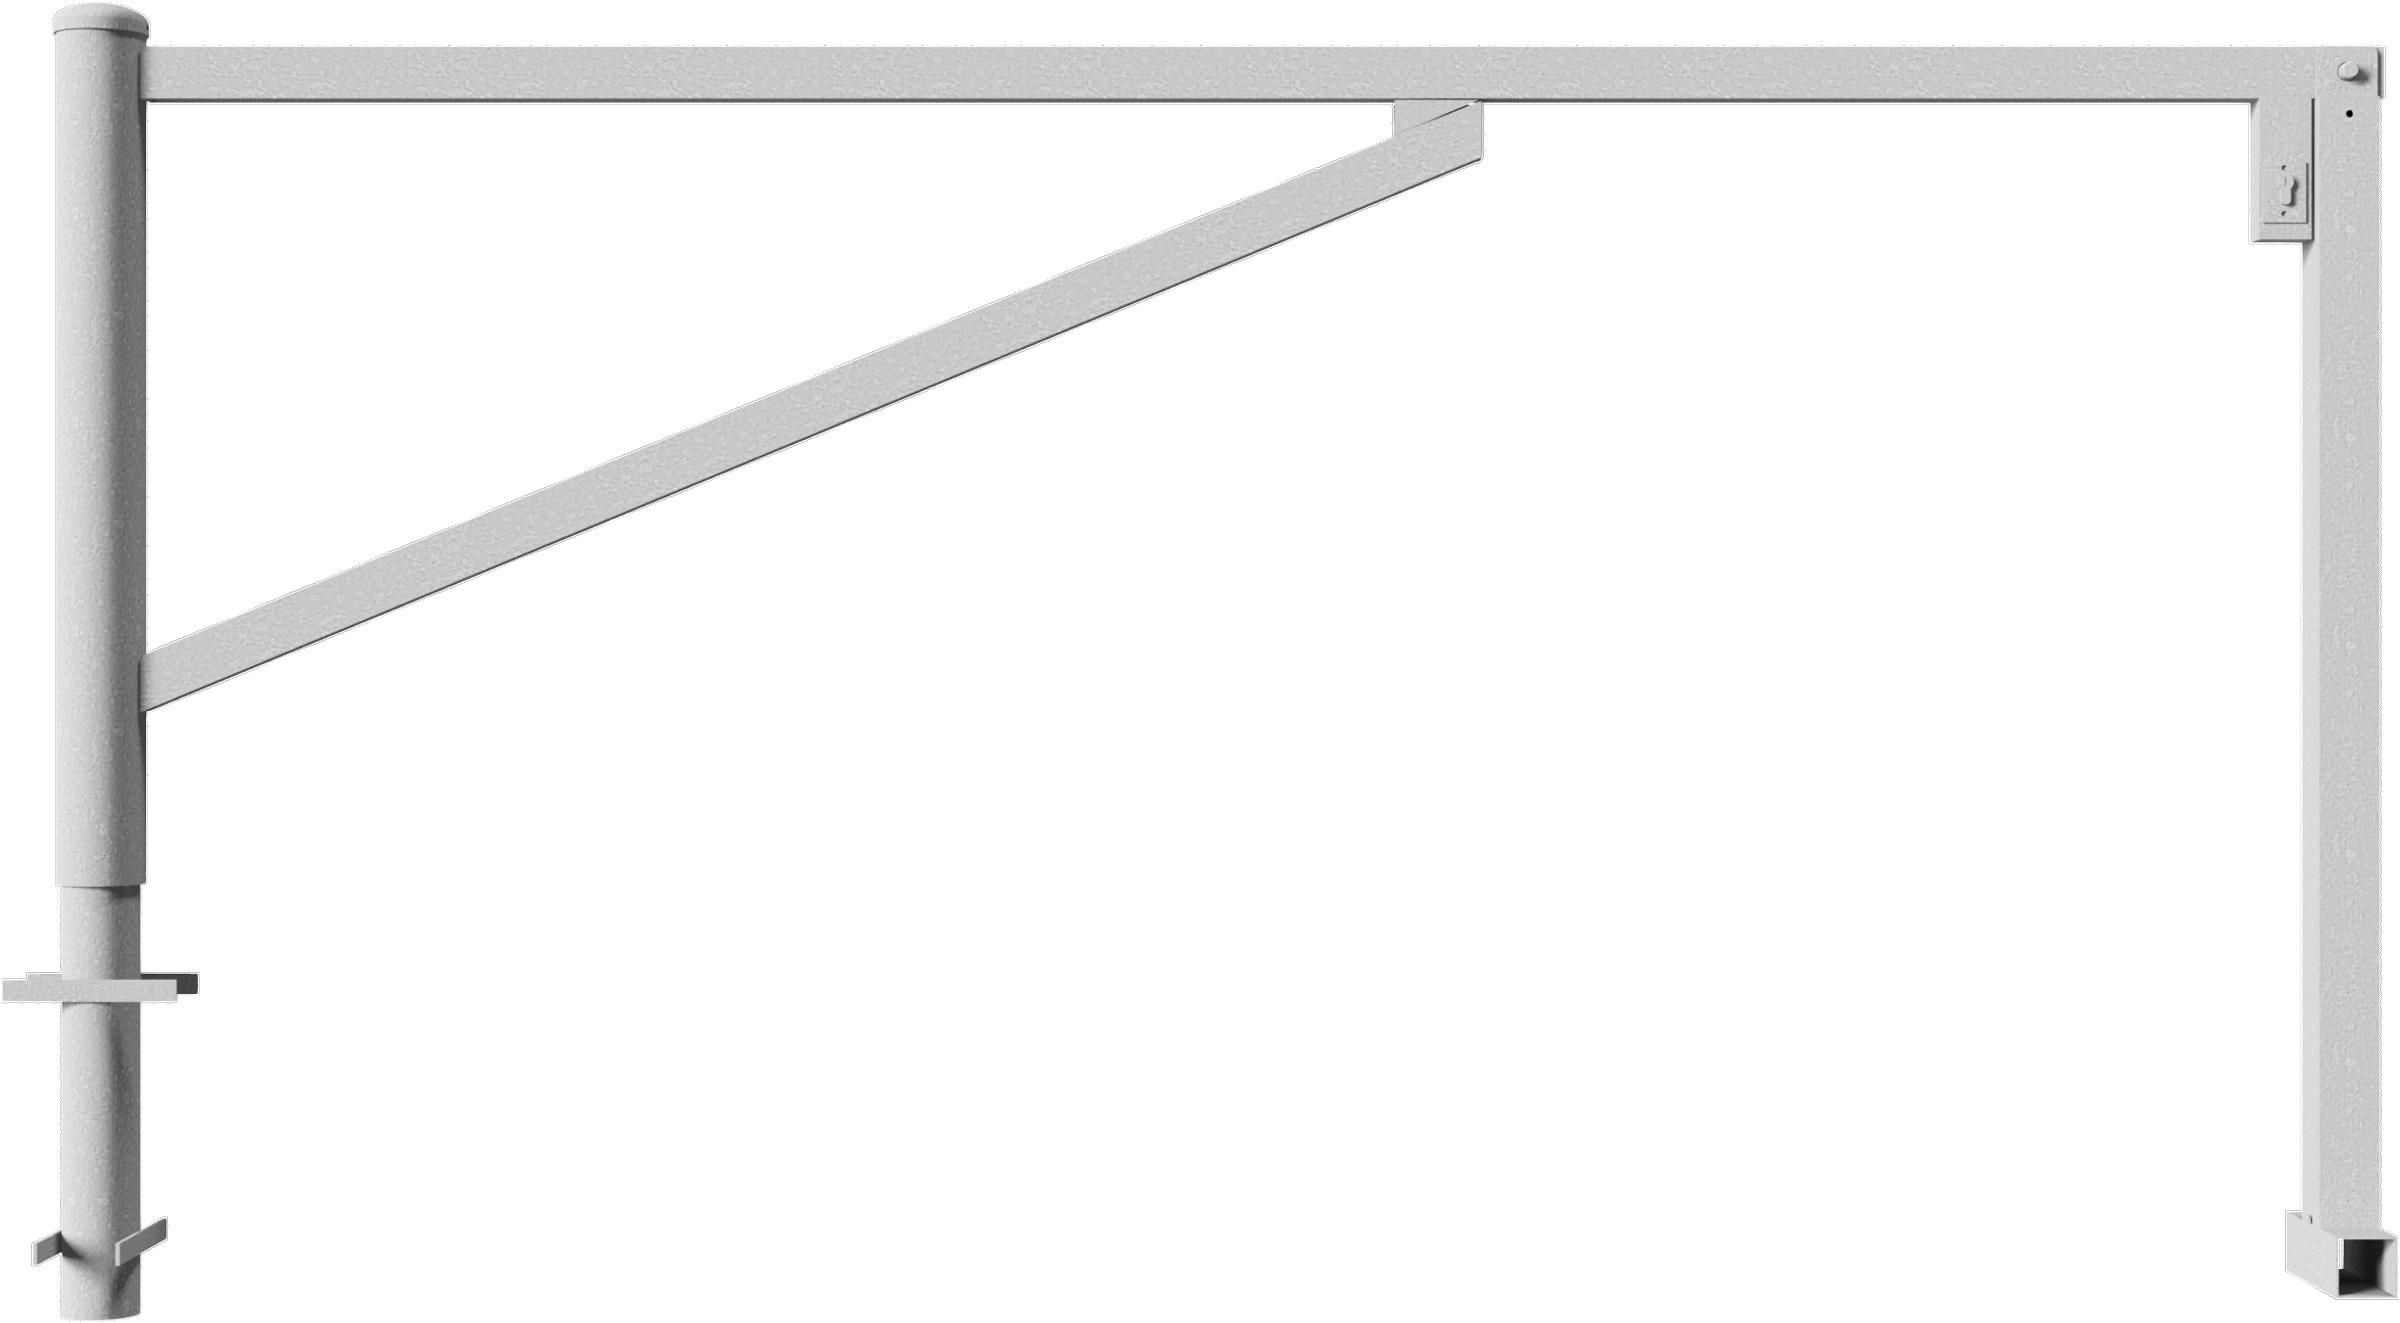 Schake Drehschranke mit 2 Auflagestützen - Schrankenbaum 60 x 40 mm verzinkt